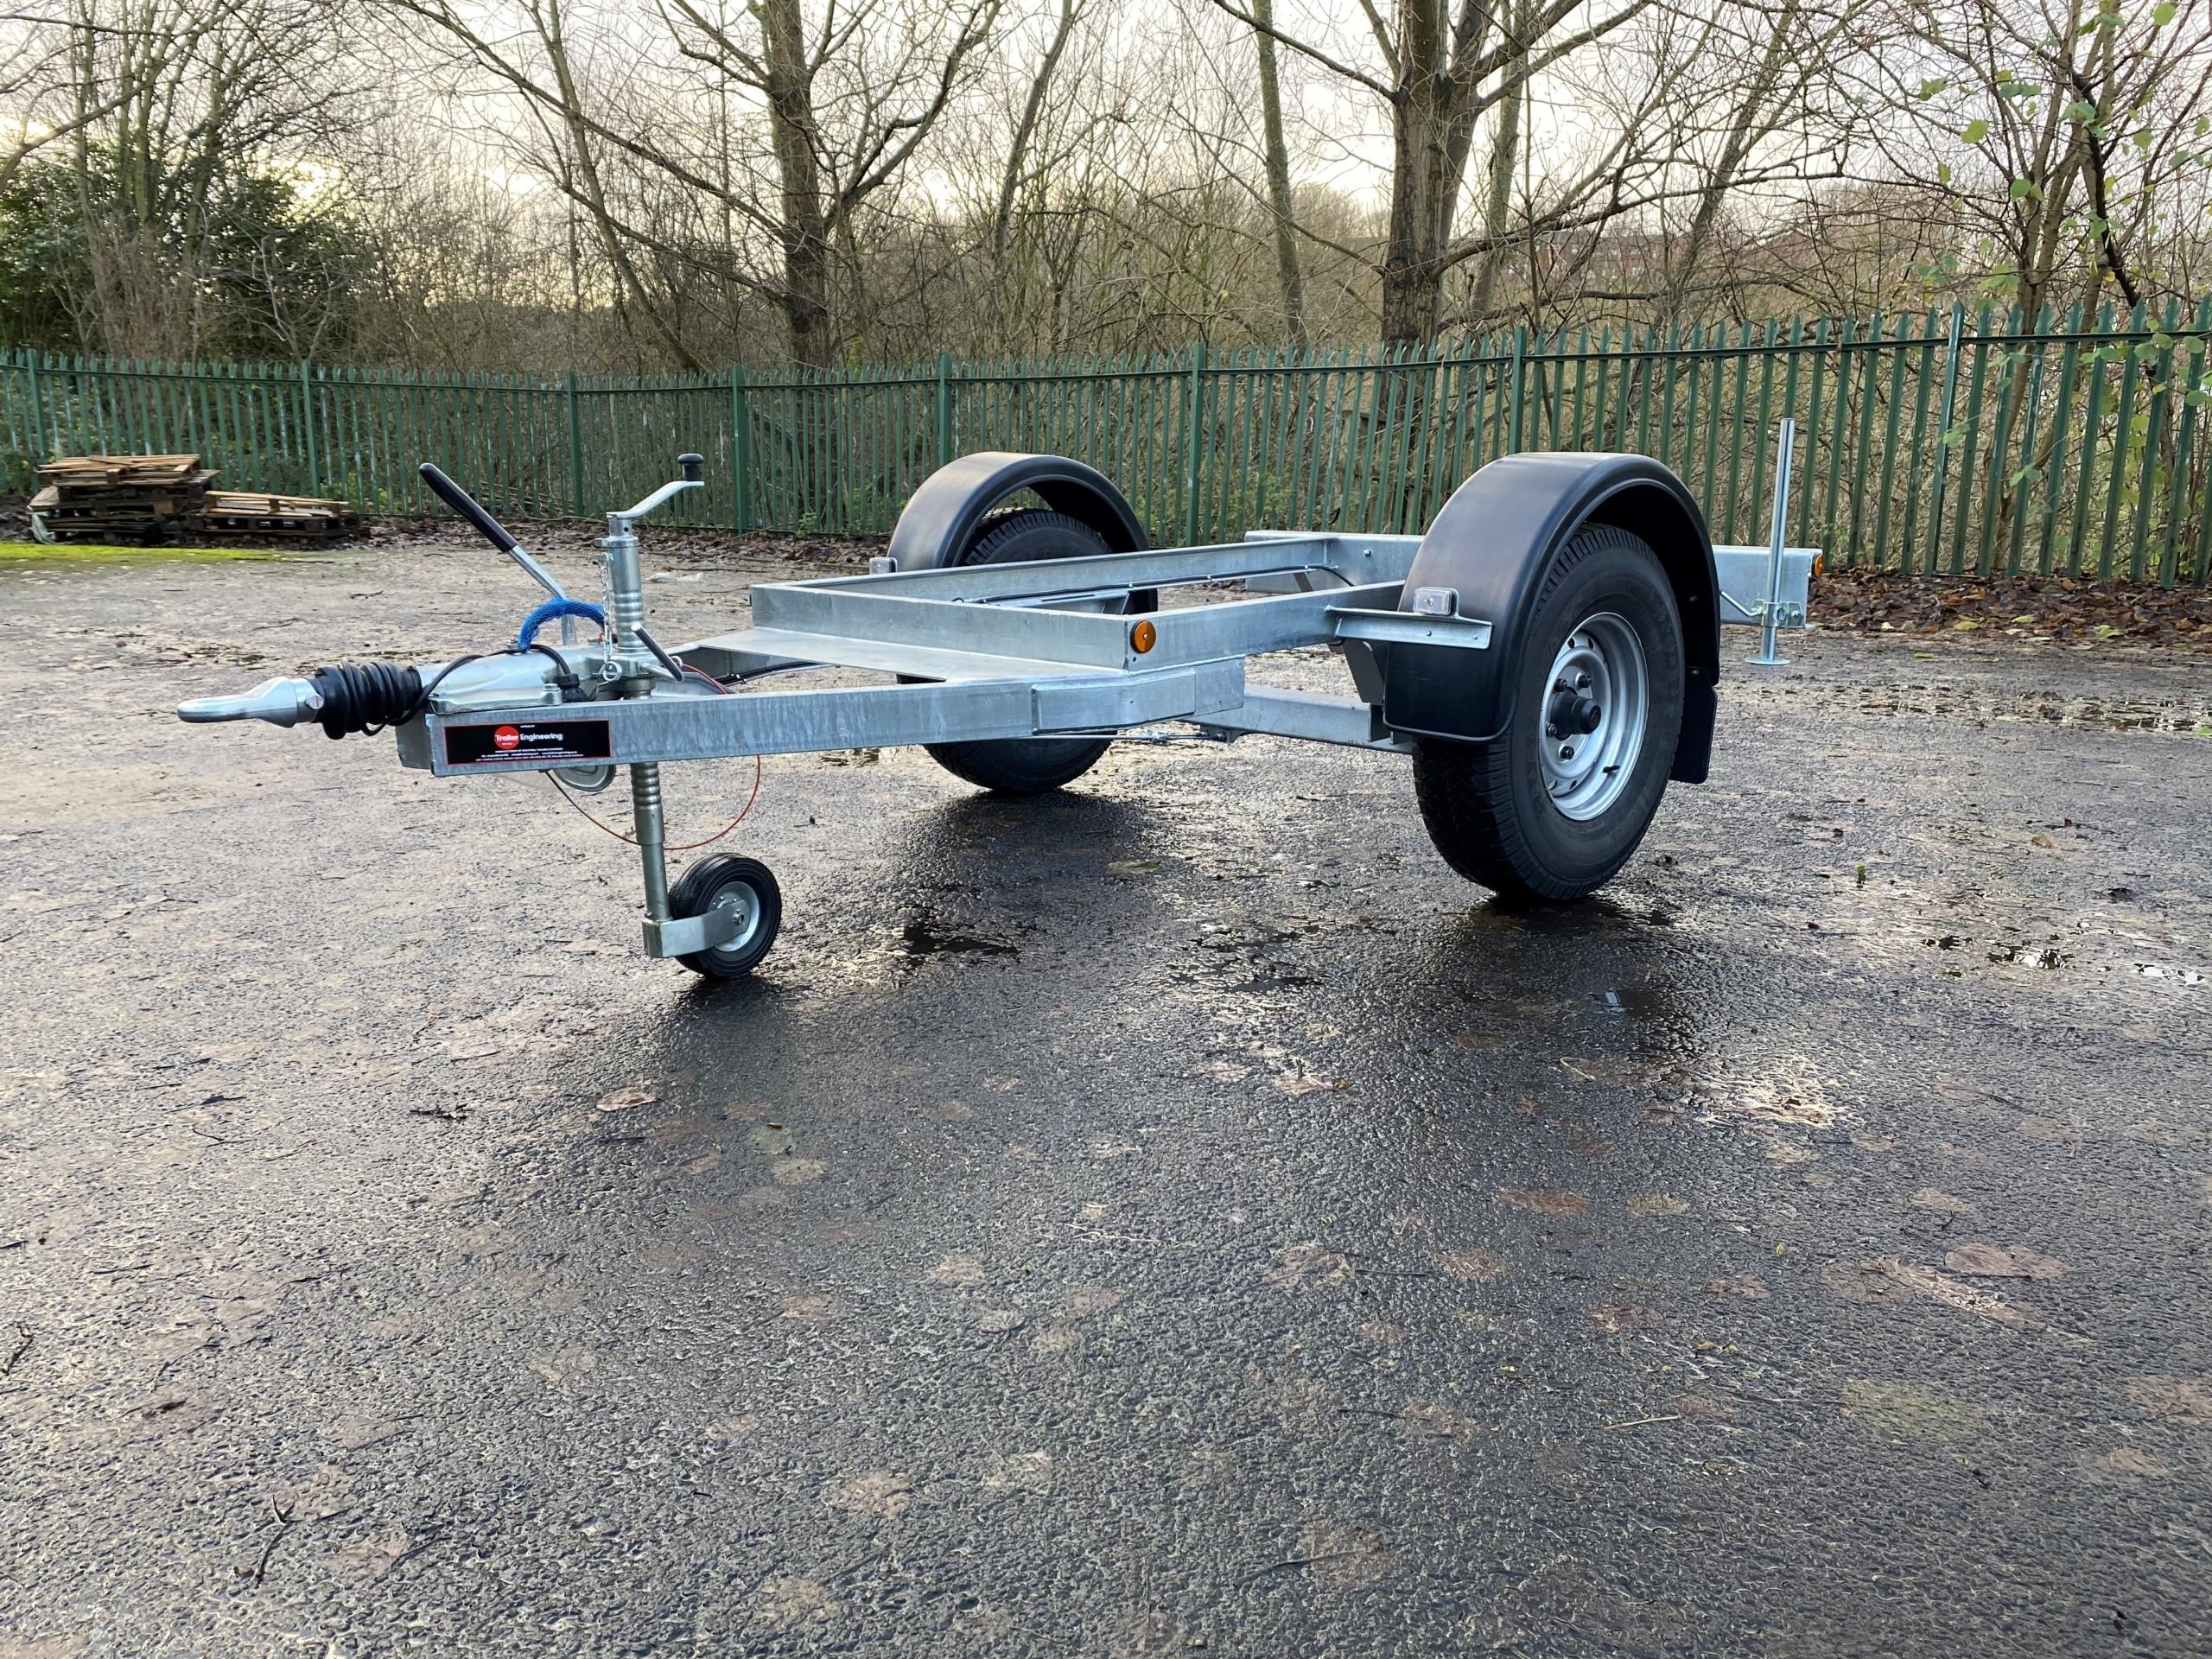 2140 Litre Fuel Bowser Trailer